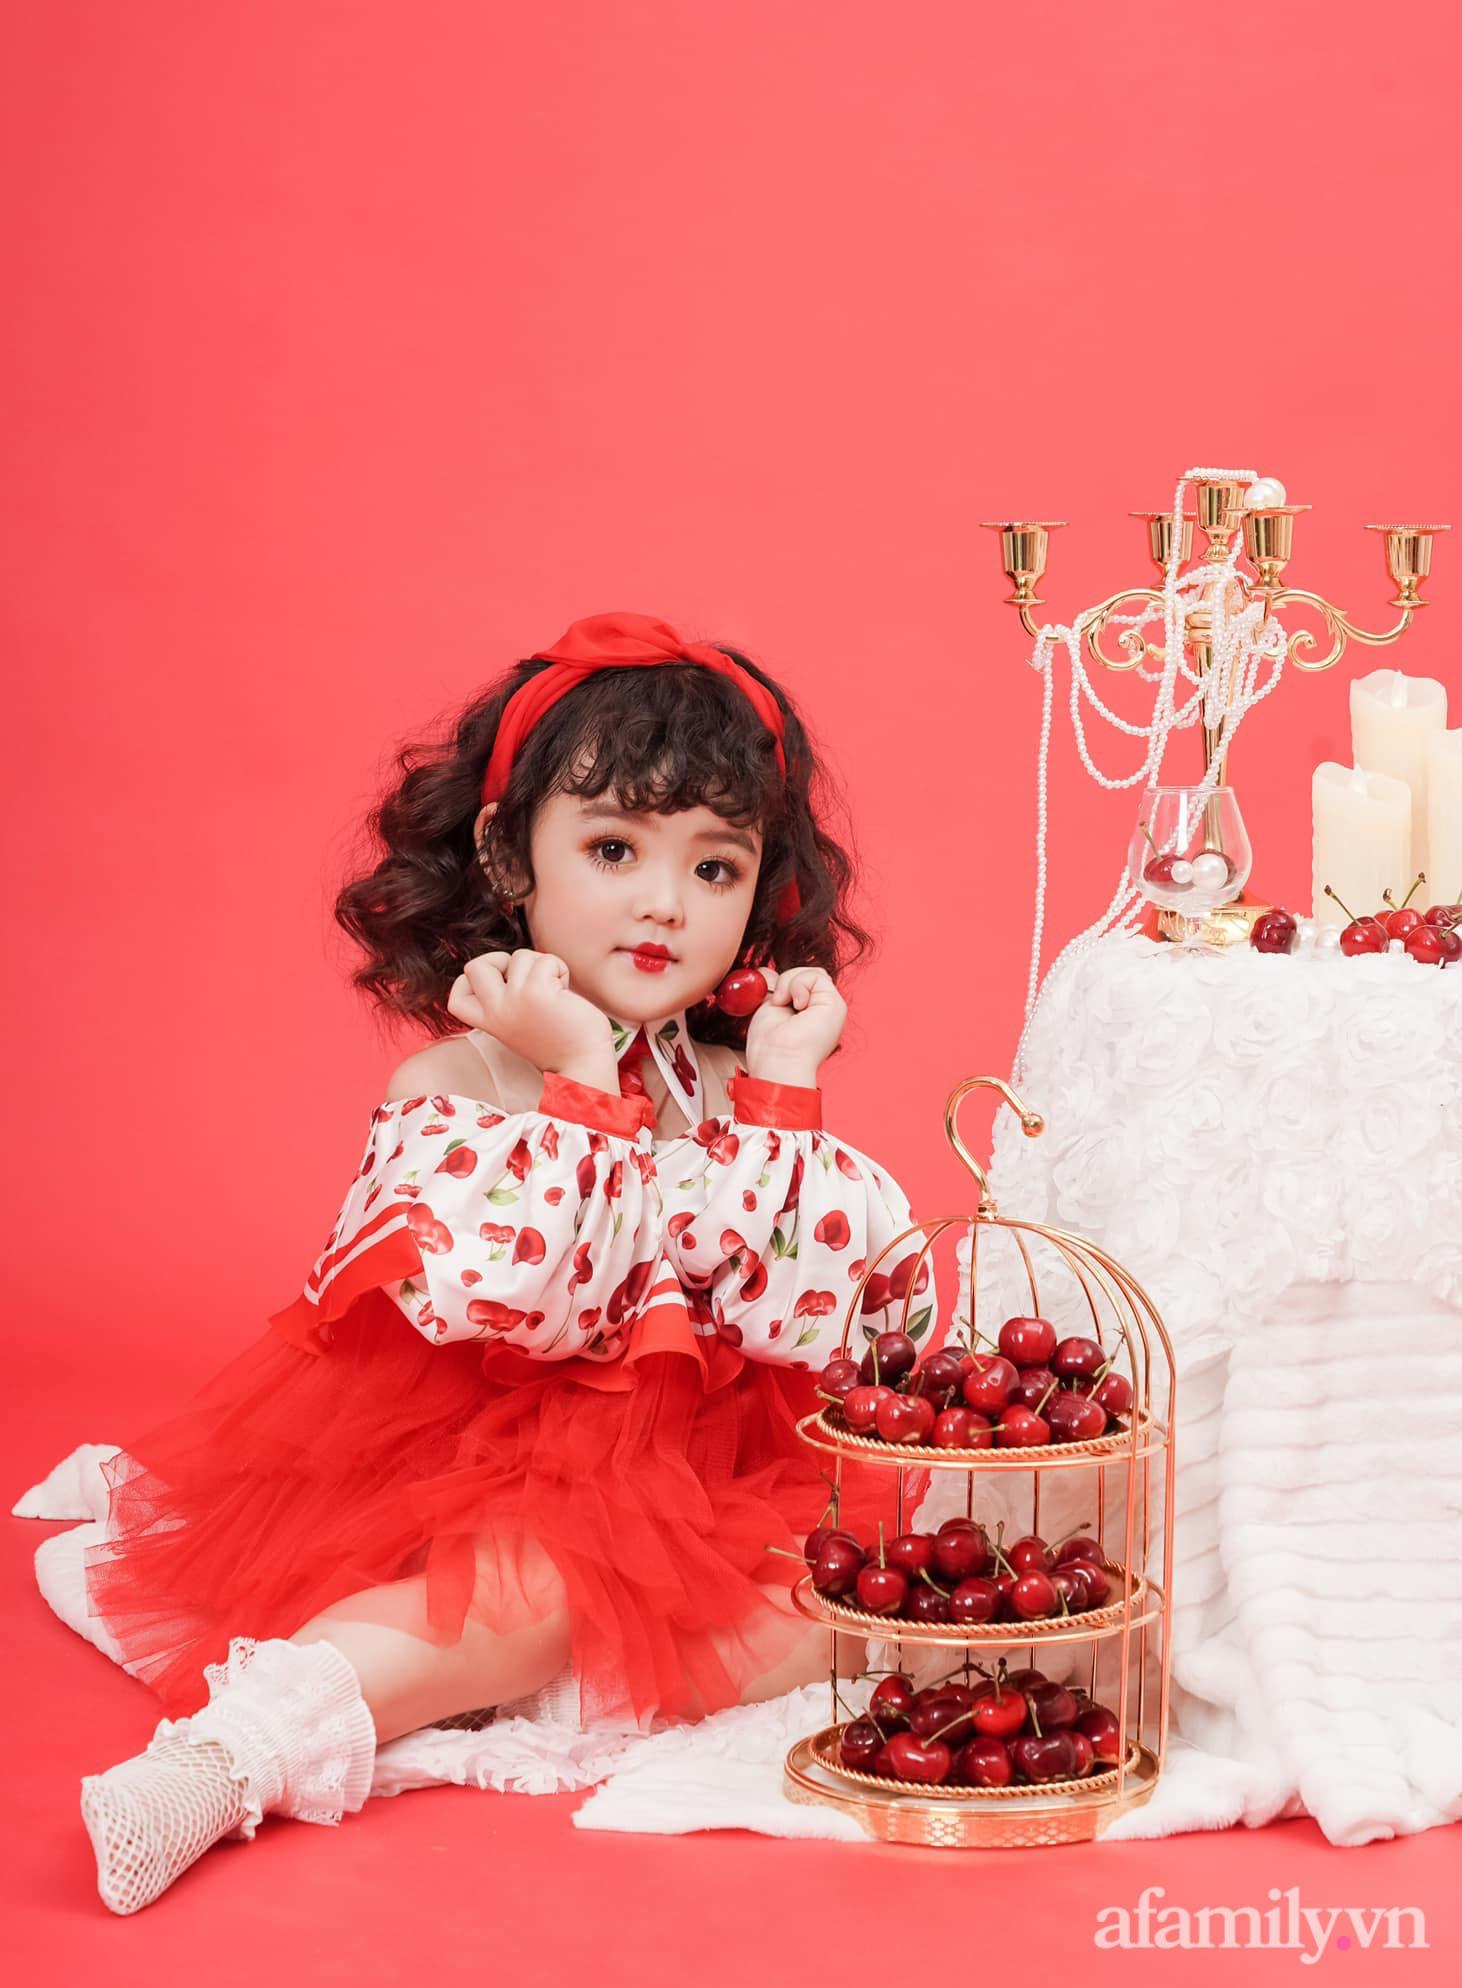 Con gái mới 4 tuổi đã có thu nhập 60 triệu đồng/tháng, mẹ trẻ Hà Nội trải lòng về cuộc sống thật của con phía sau ánh hào quang - Ảnh 1.